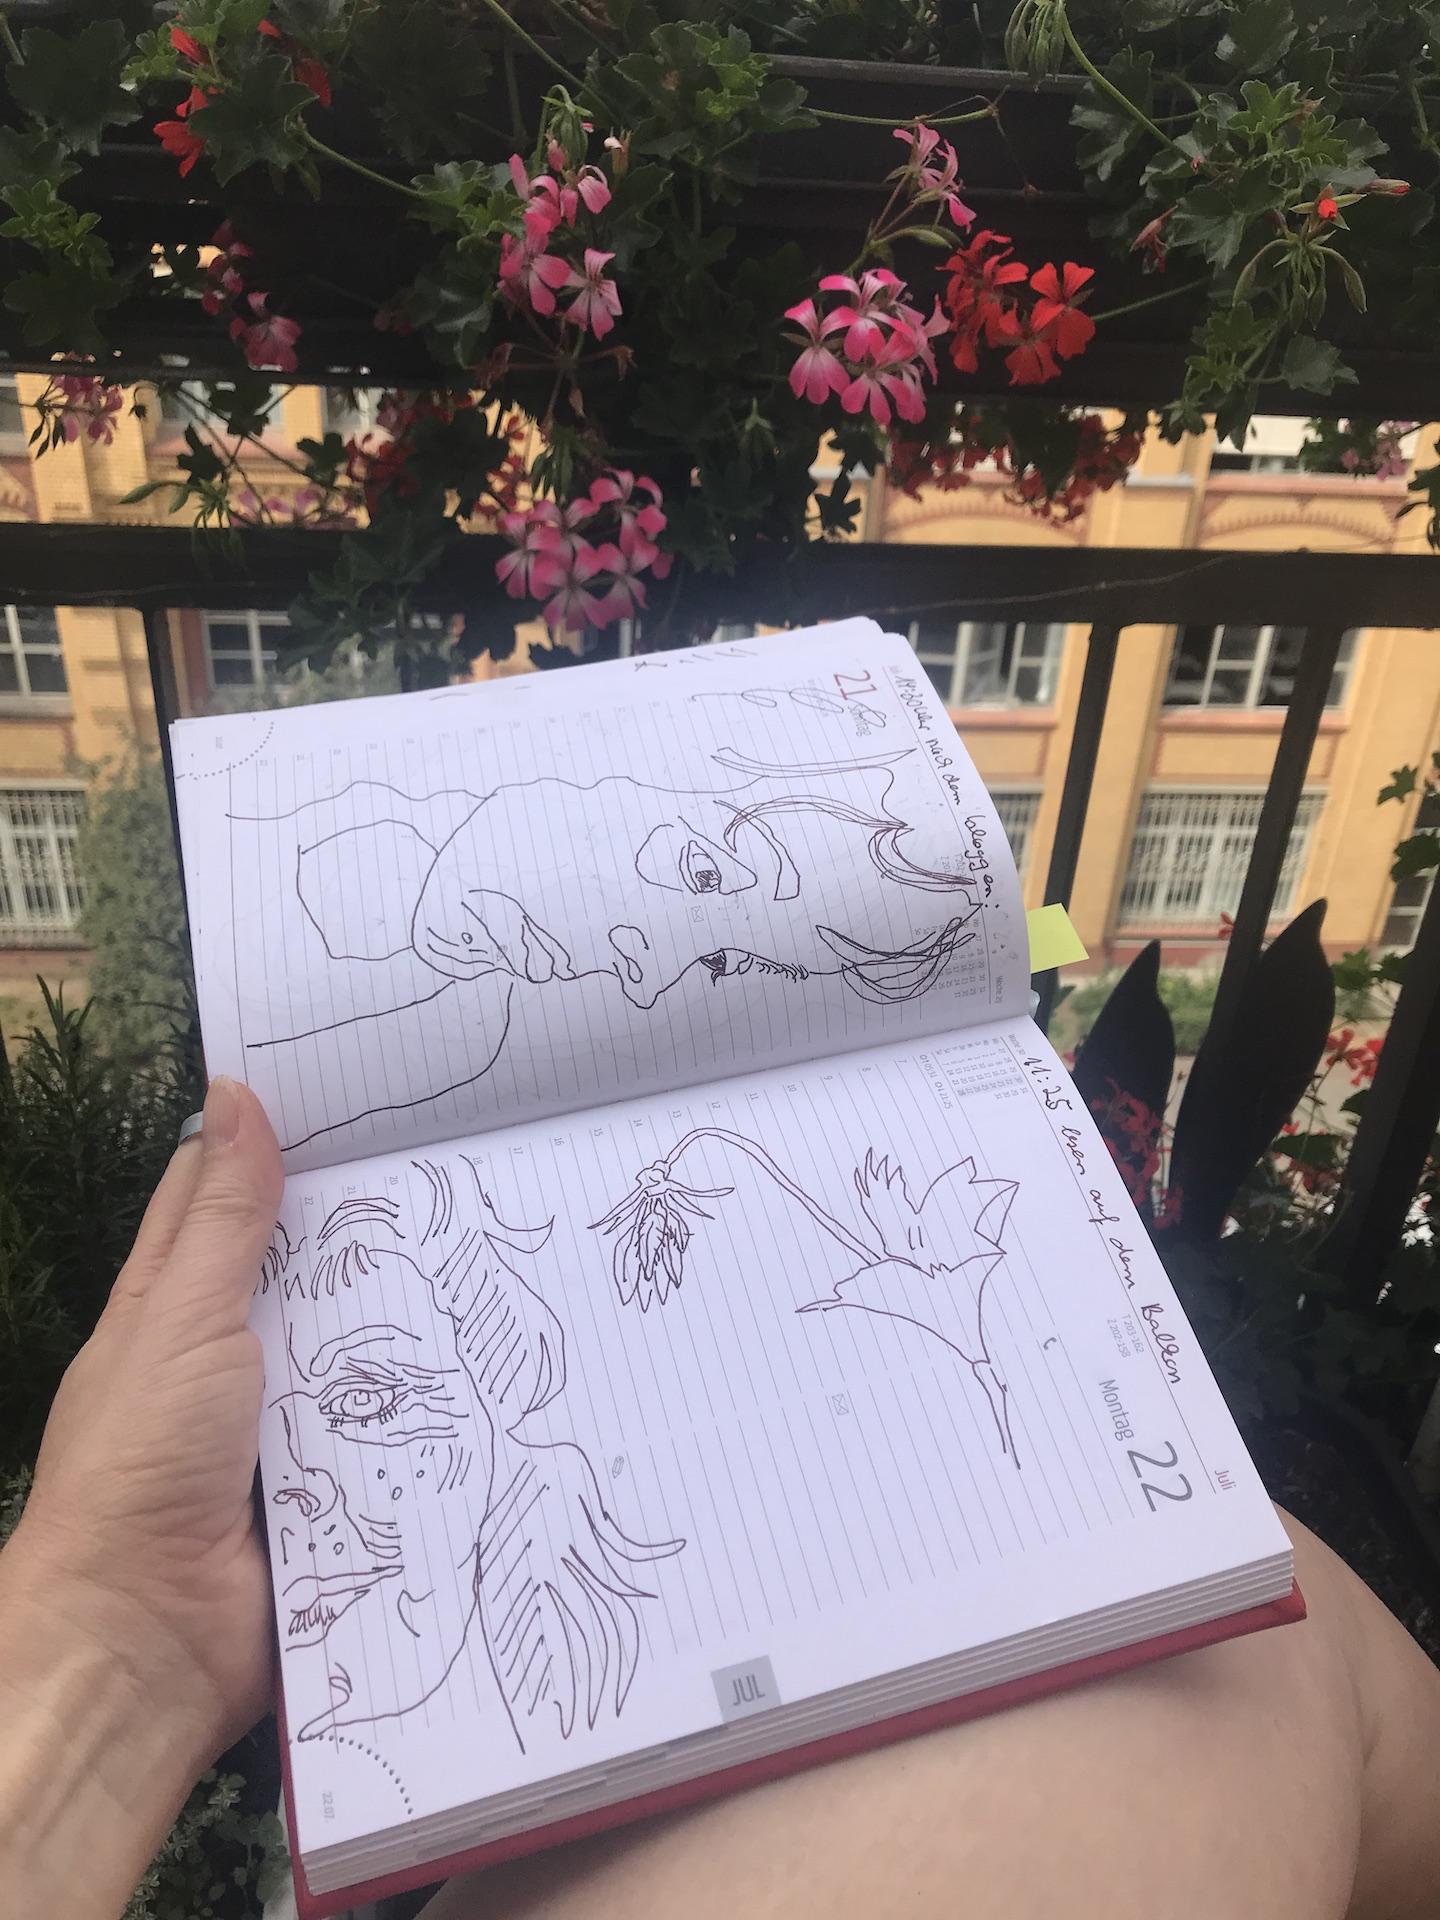 Ich sitze auf dem Balkon und zeichne mich selbst, Foto und Zeichnung von Susanne Haun (c) VG Bild-Kunst, Bonn 2019